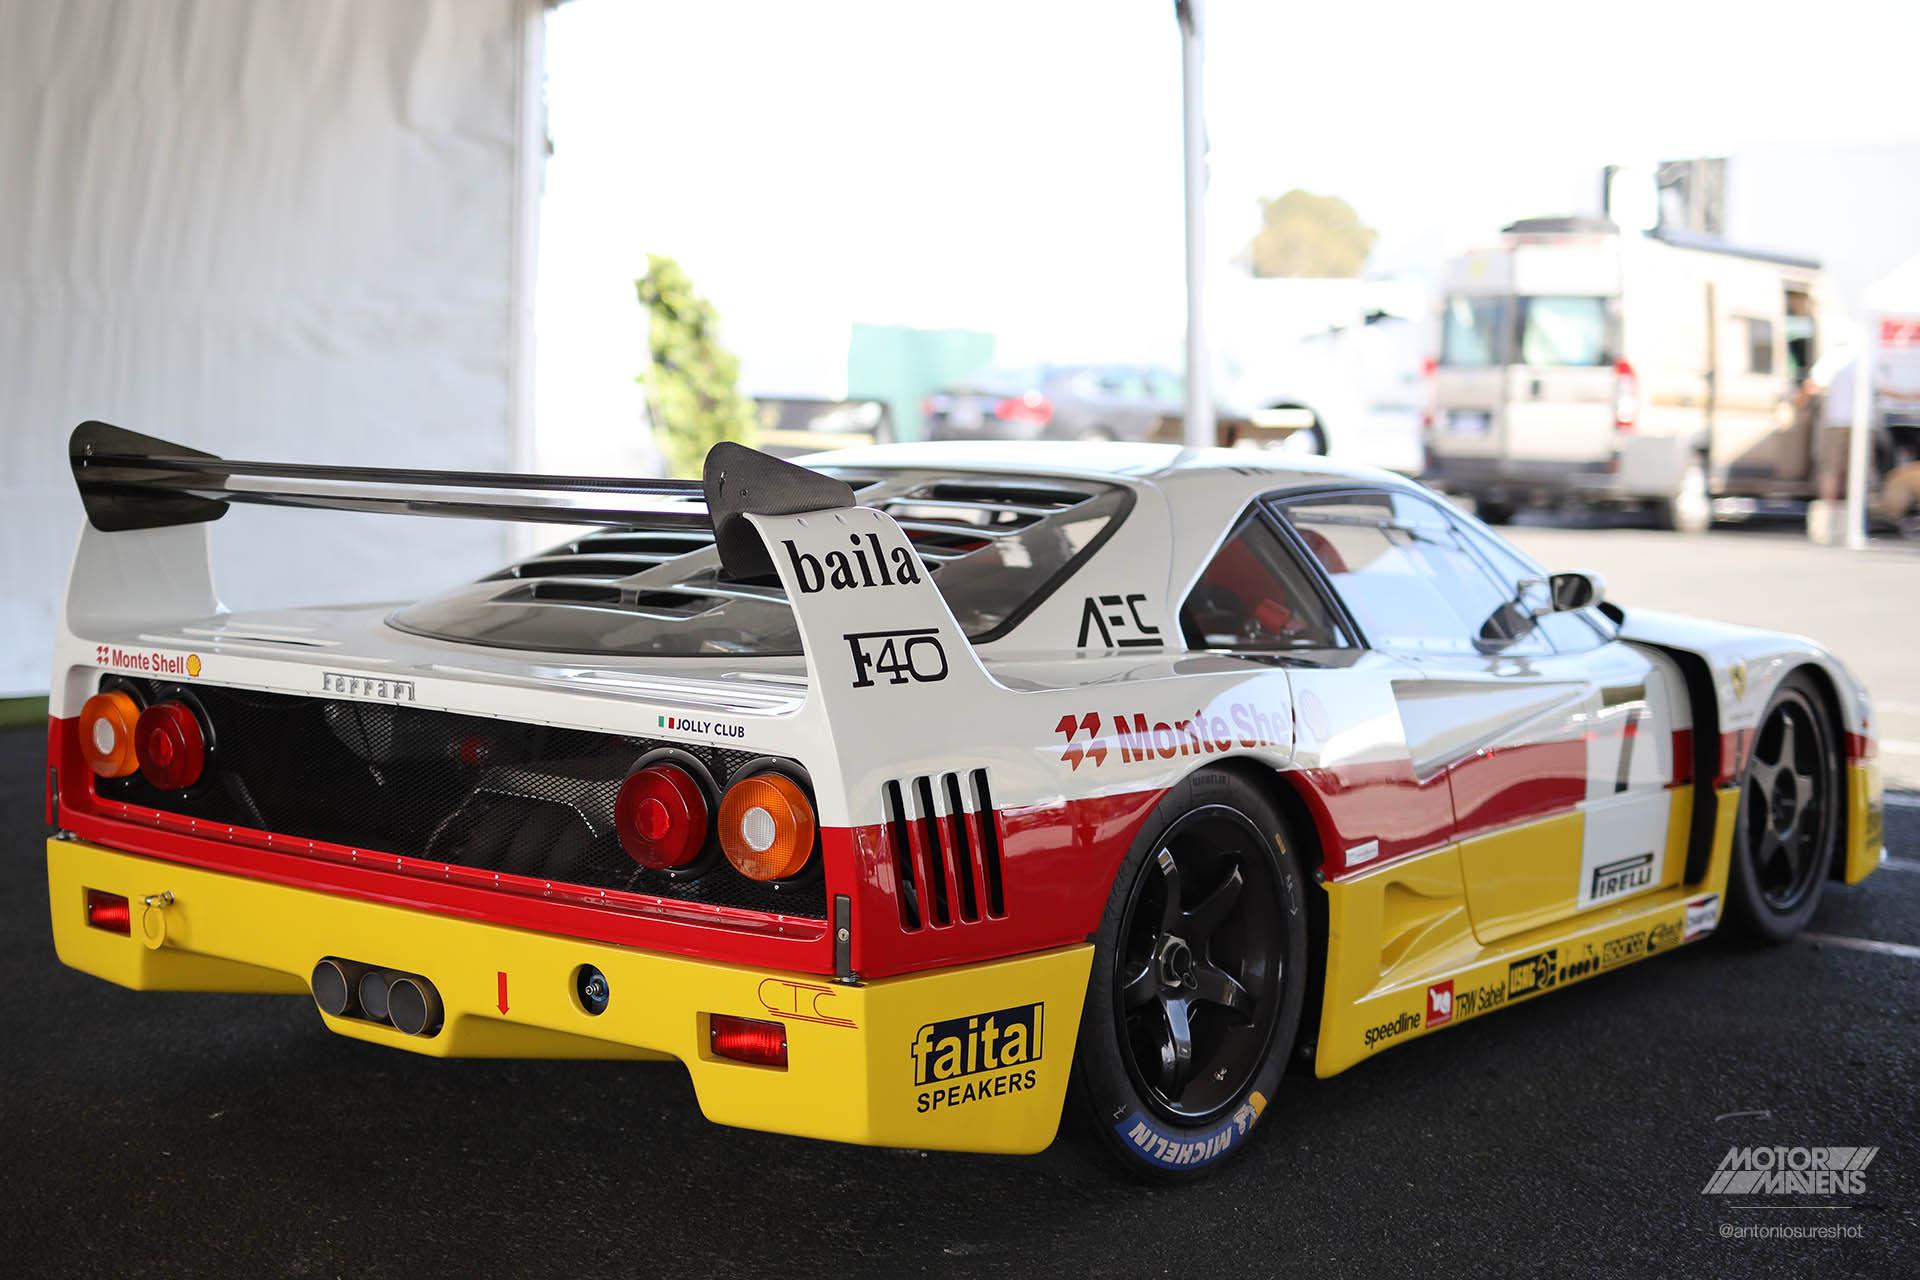 Ferrari F40 LM, F40, Ferrari, Antonio Alvendia, Ferrari, F40 LM, Sonoma Speed Festival, Ferrari F40